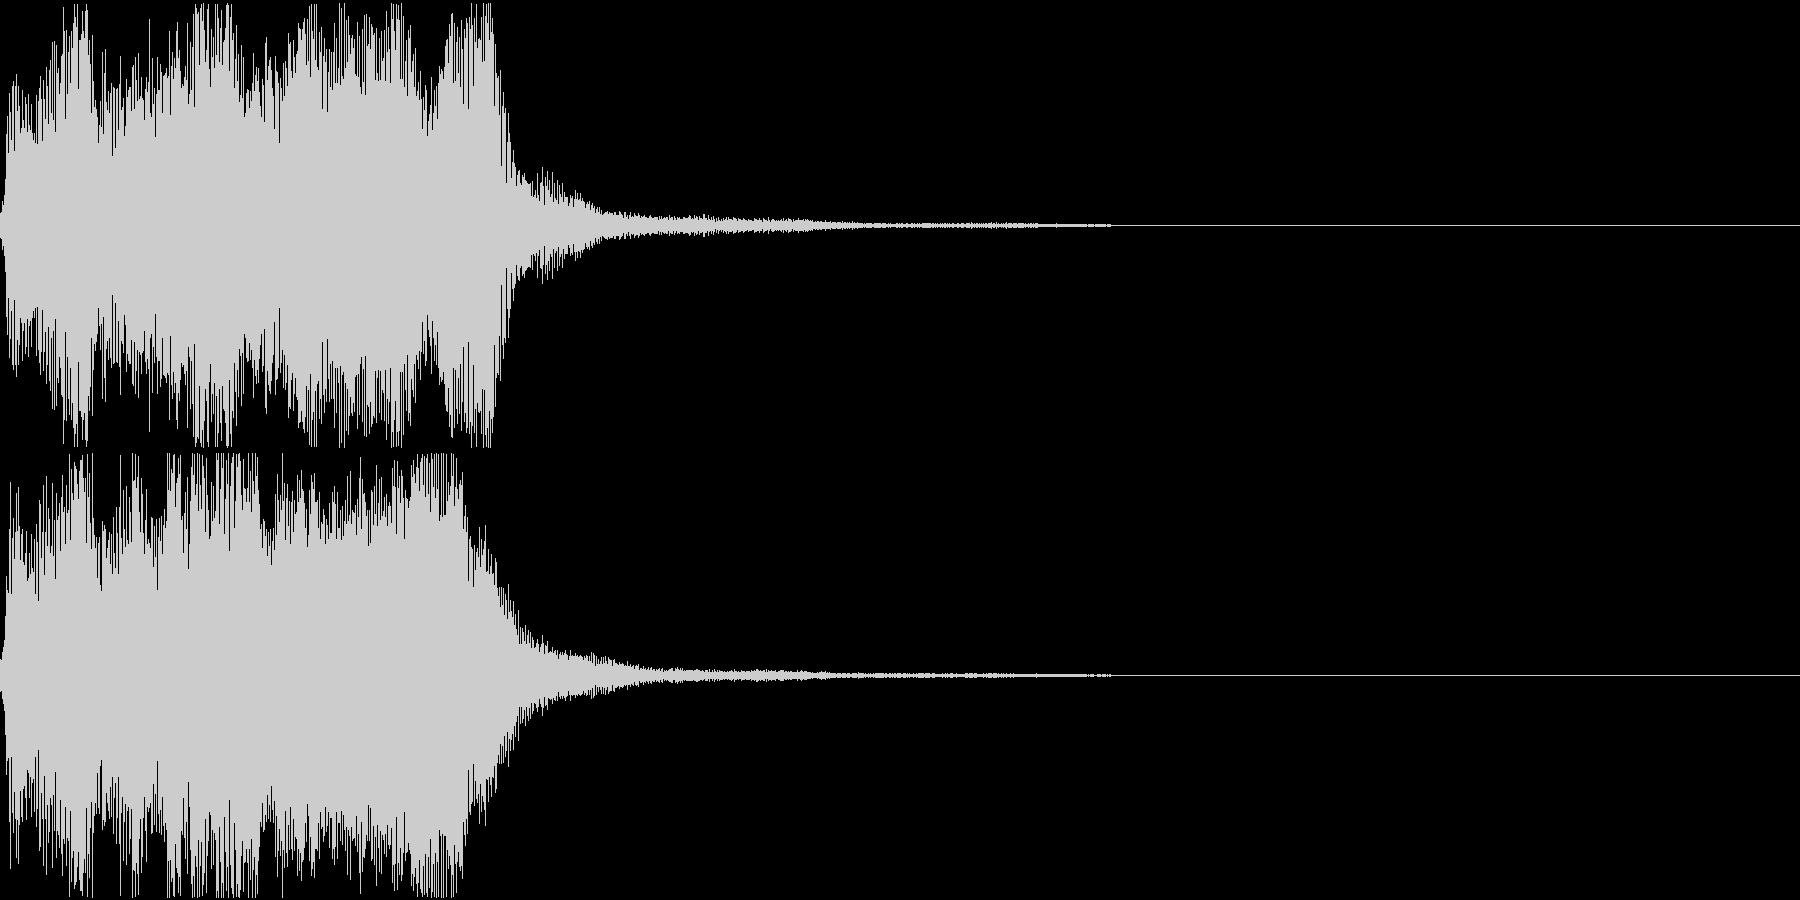 ラッパ ファンファーレ 定番 19の未再生の波形